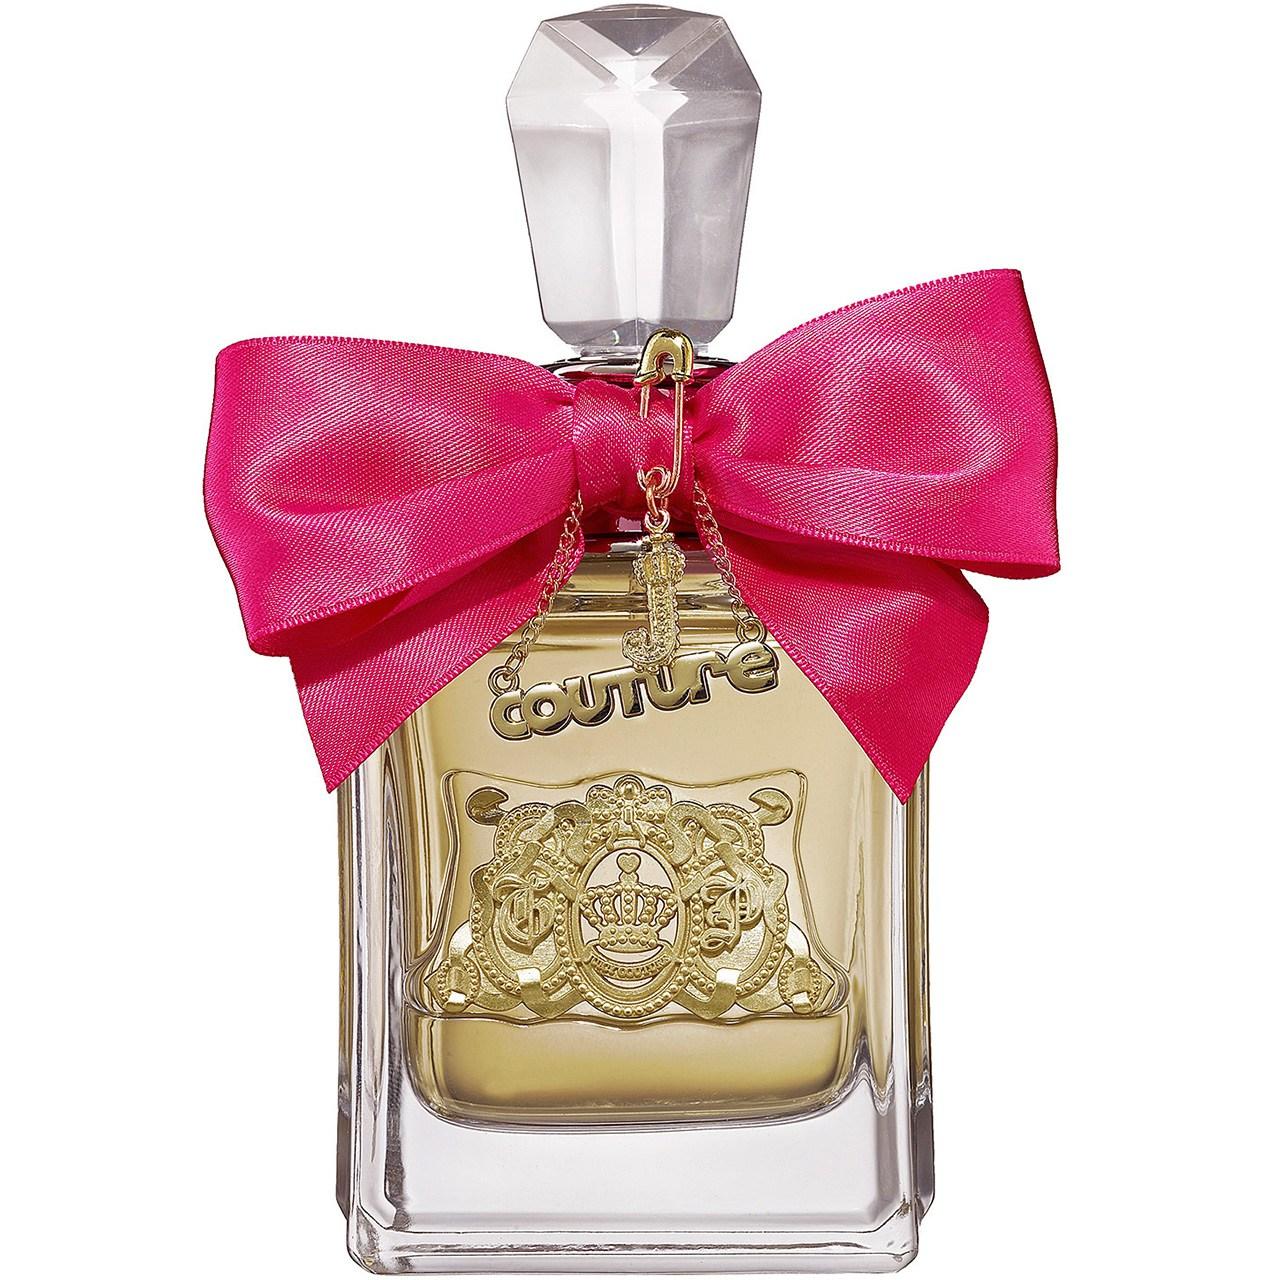 قیمت ادو پرفیوم زنانه جویسی کوتور مدل Viva la Juicy حجم 100 میلی لیتر